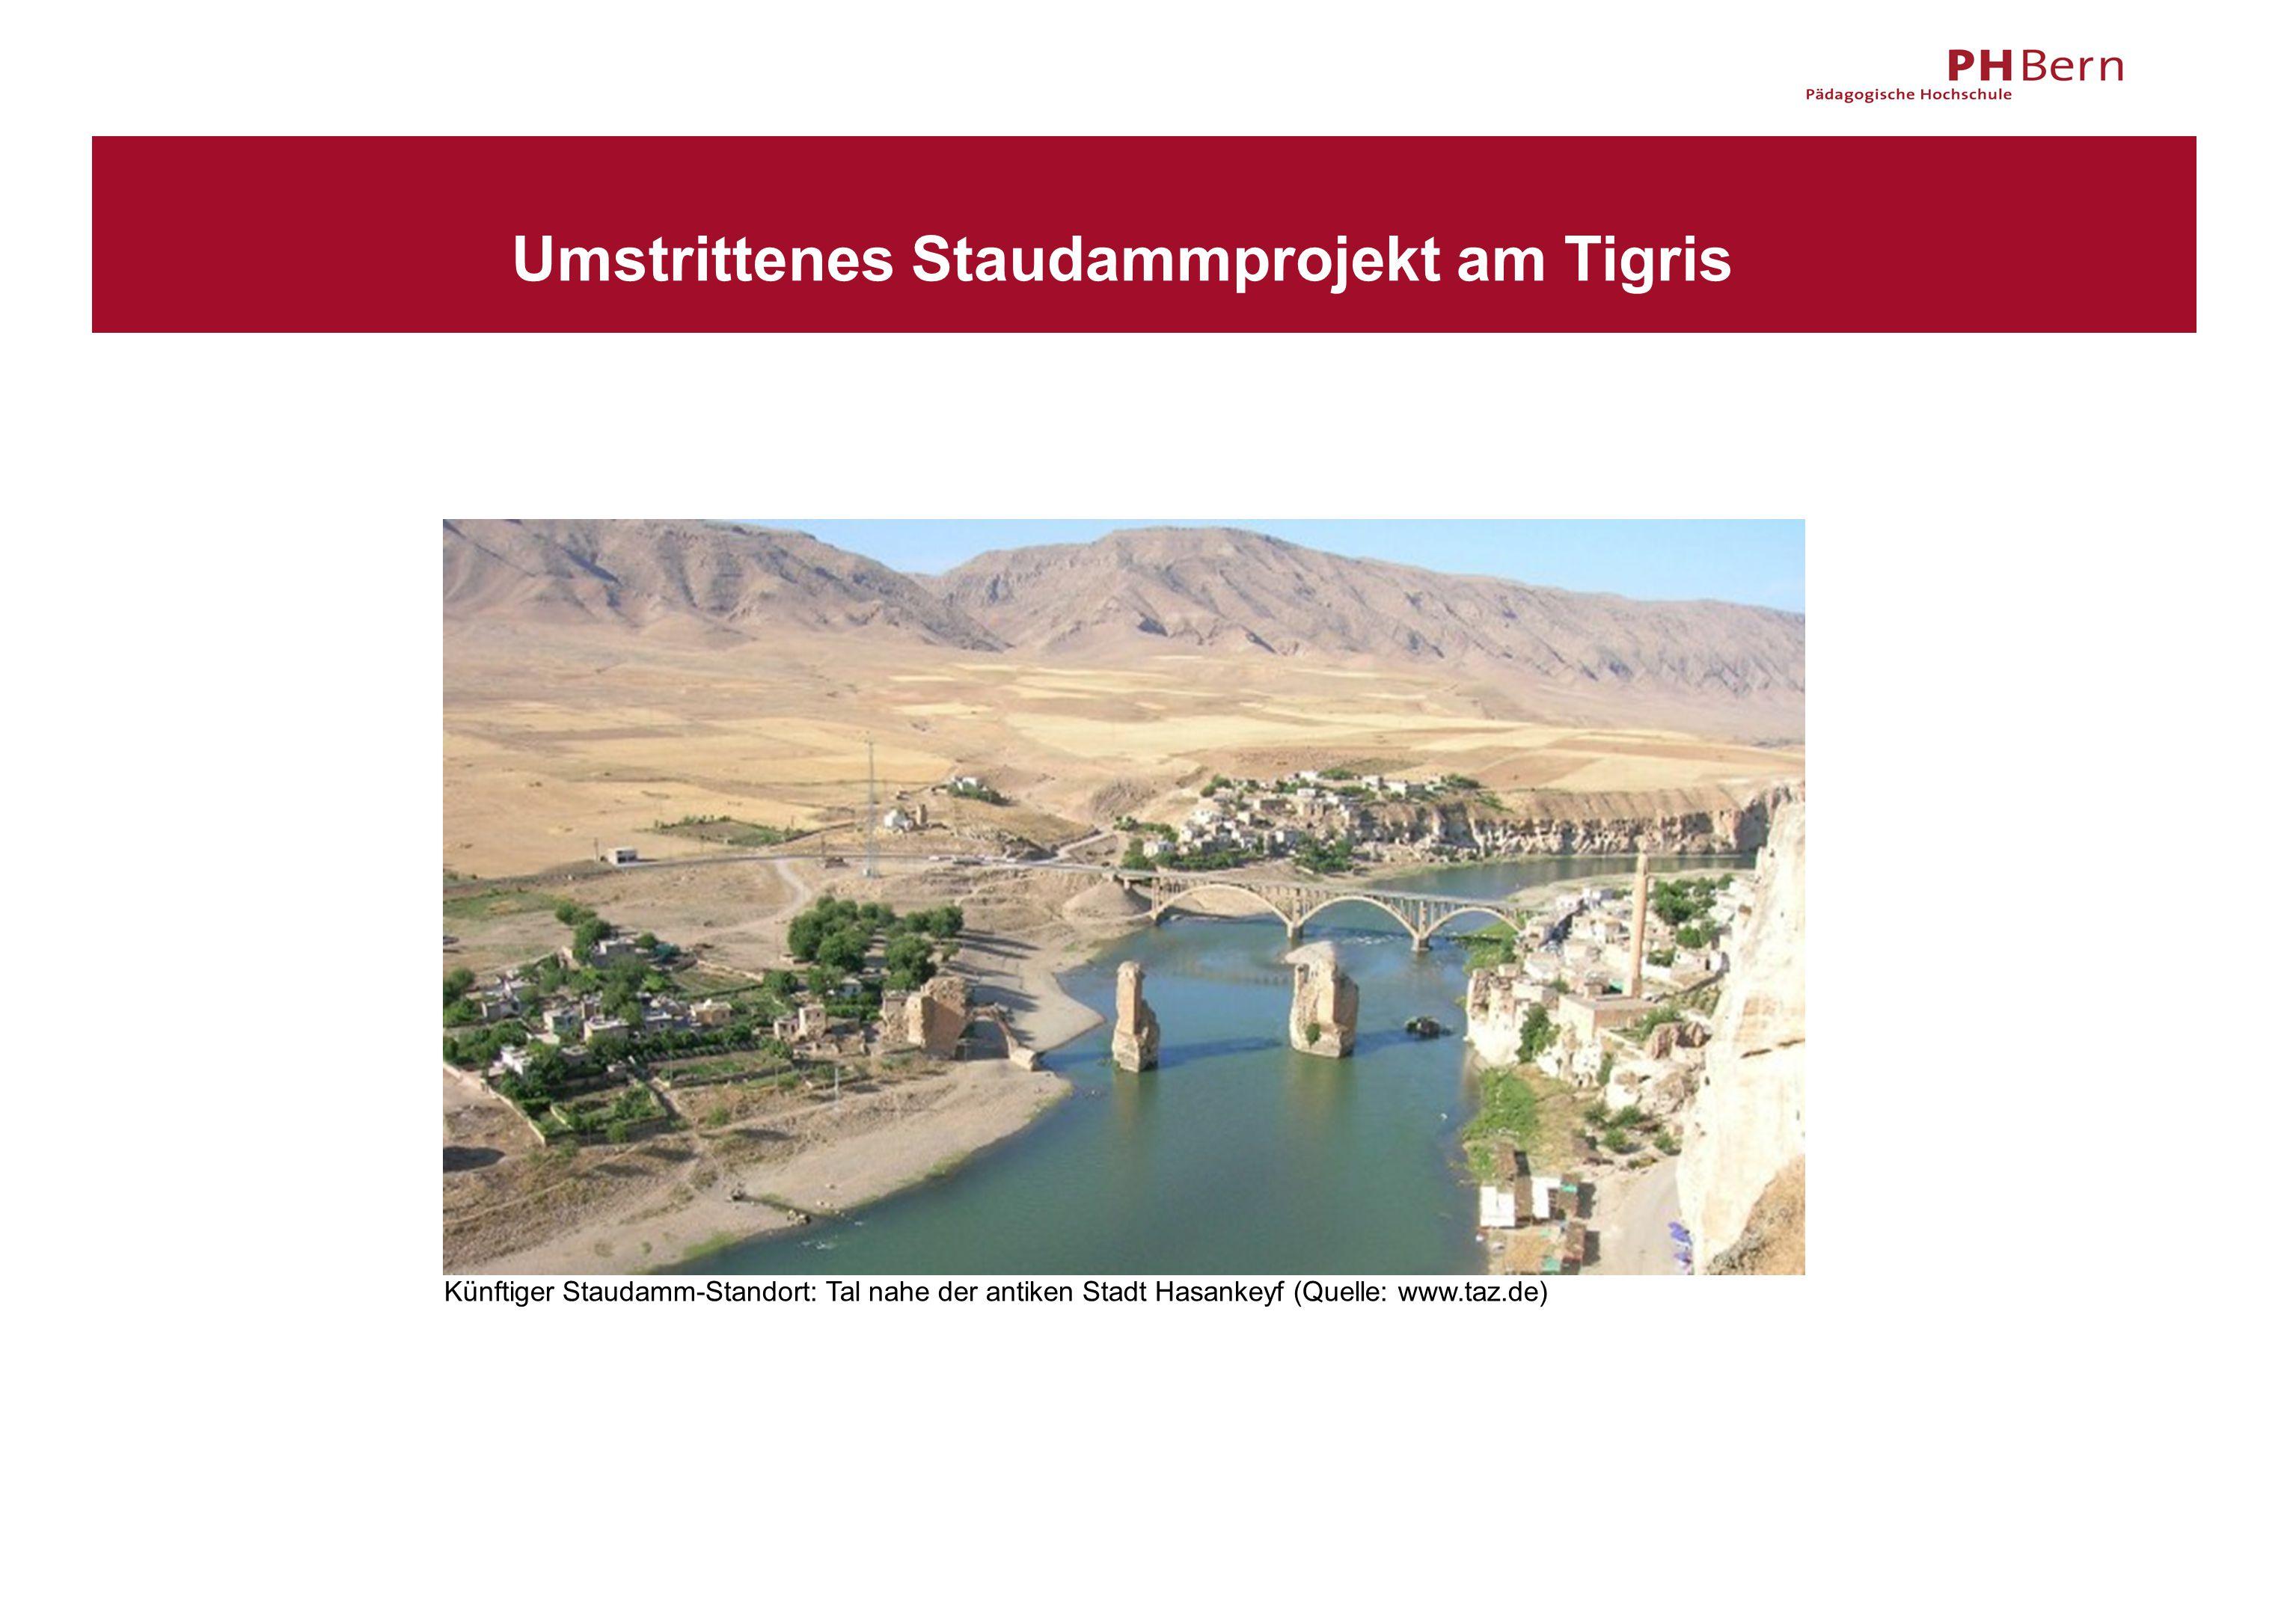 Umstrittenes Staudammprojekt am Tigris Künftiger Staudamm-Standort: Tal nahe der antiken Stadt Hasankeyf (Quelle: www.taz.de)